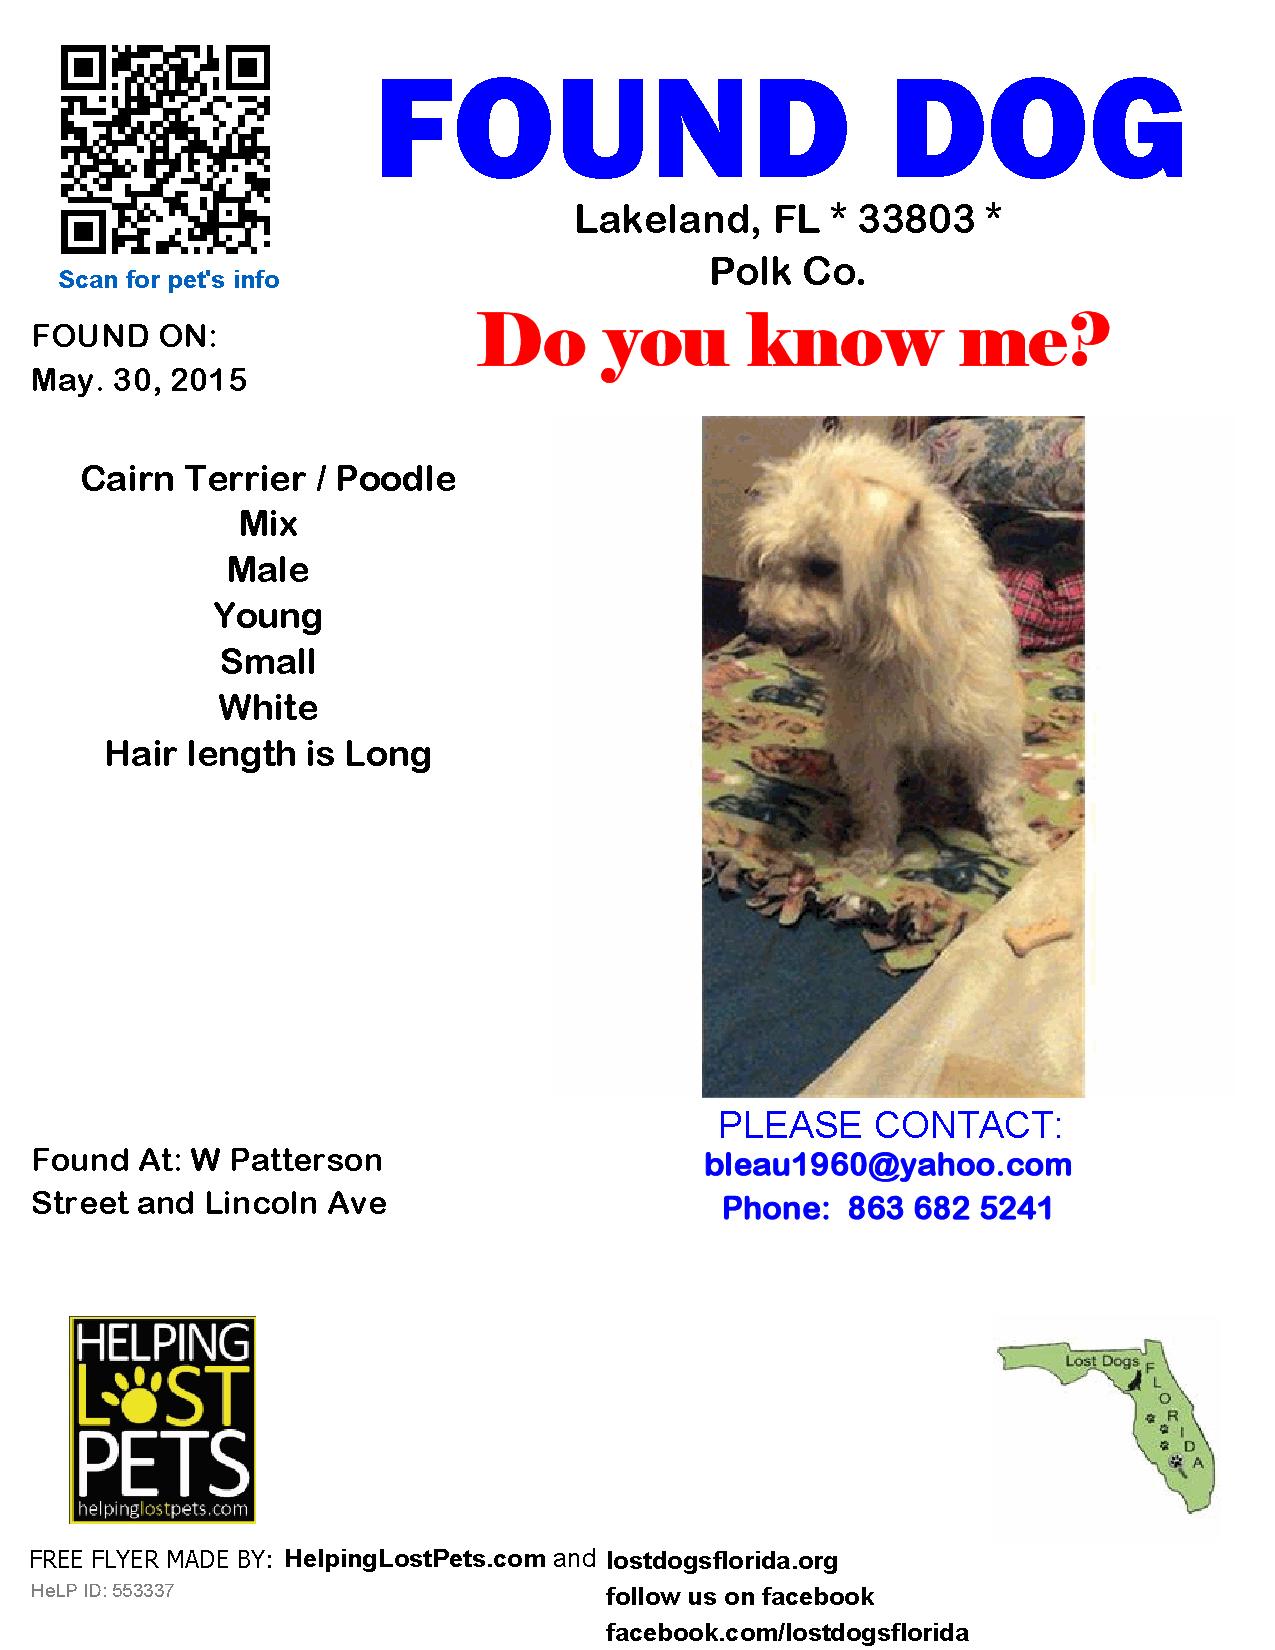 Found Dog Cairn Terrier Lakeland Fl United States Terrier Poodle Mix Lakeland Cairn Terrier